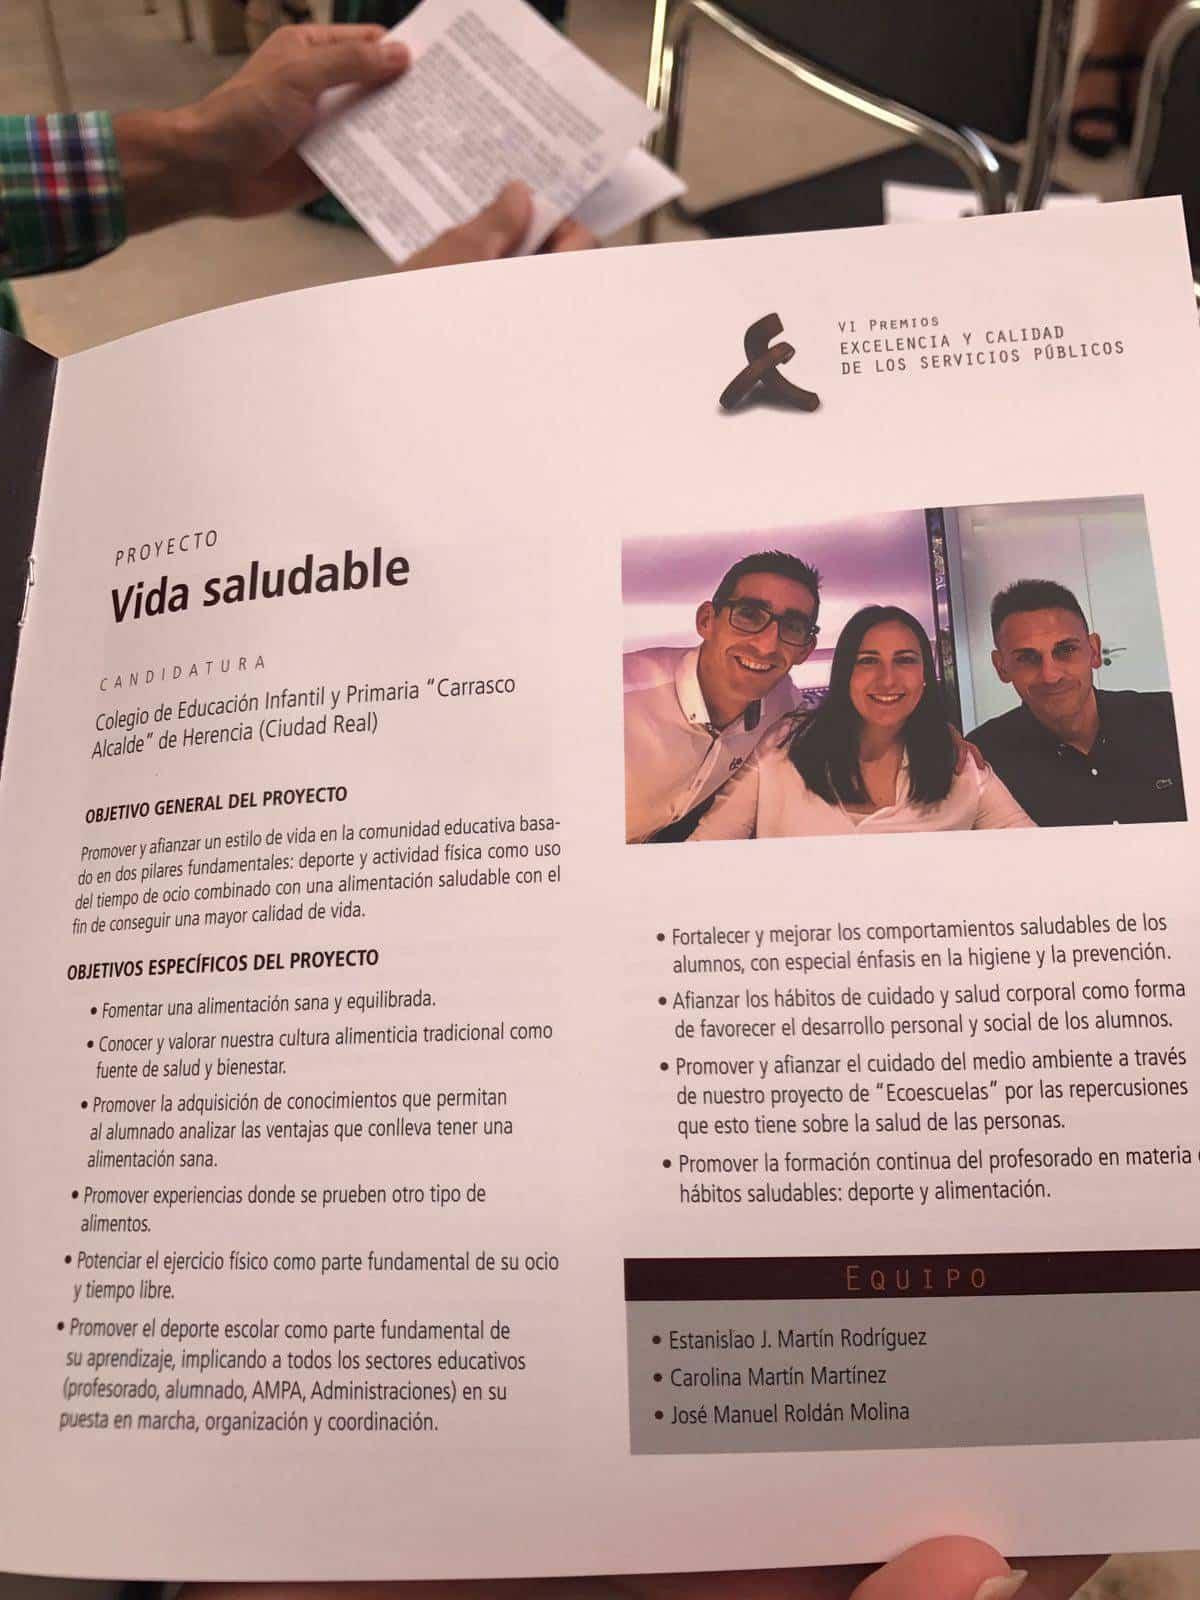 CEIP Carrasco Alcalde Premios Excelencia2 - El CEIP Carrasco Alcalde en la gala de los VI premios de Excelencia y calidad en la prestación de servicios públicos